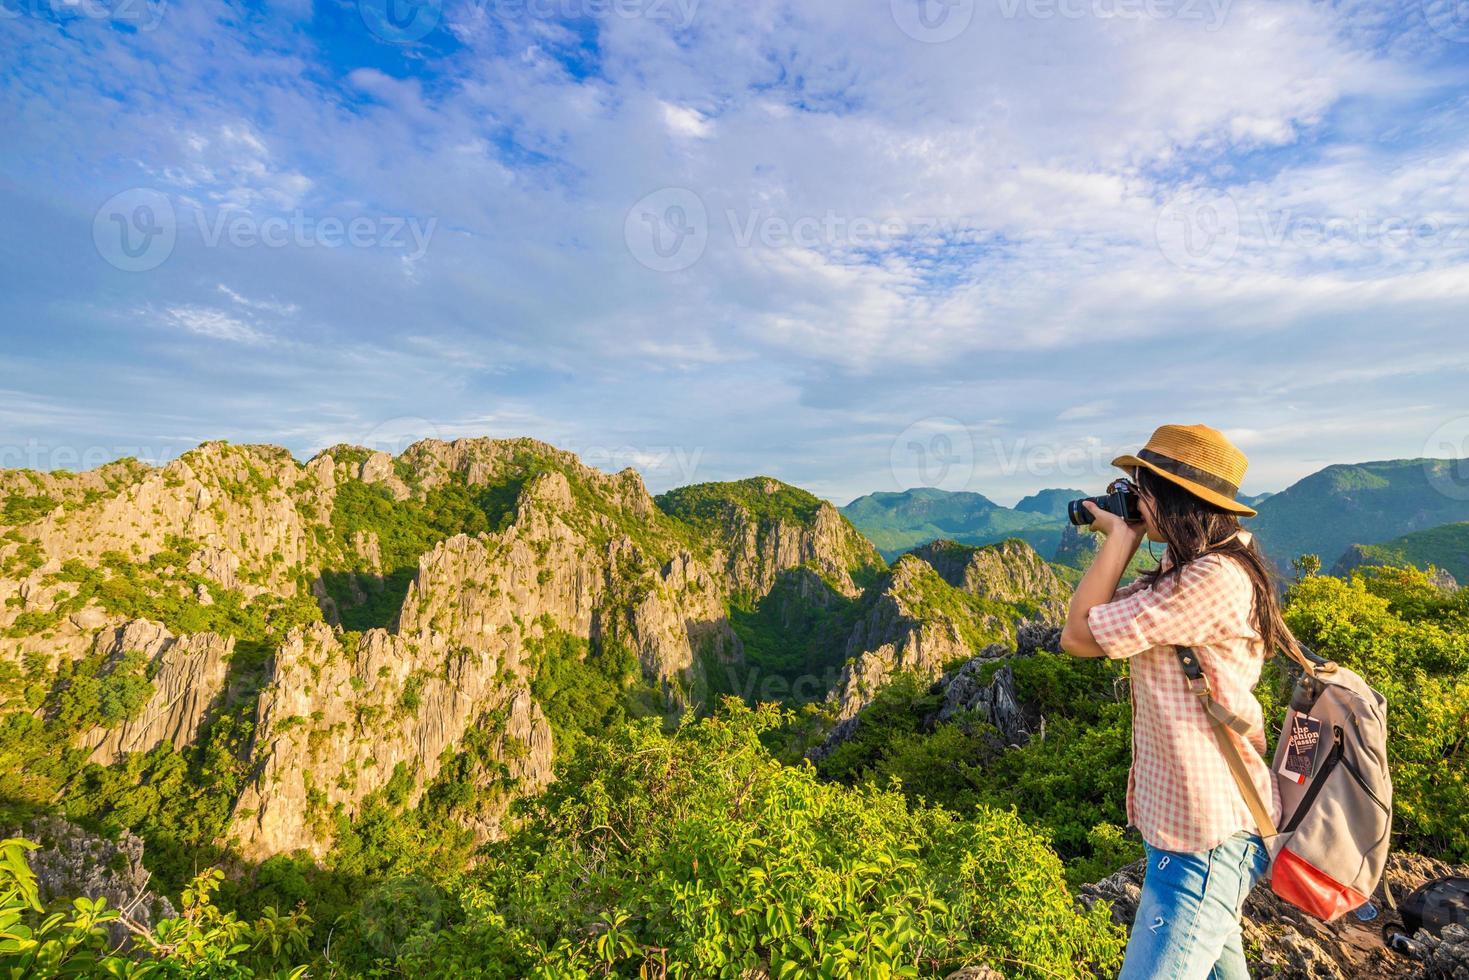 Wanderfrau mit Kamera genießen die Aussicht bei Sonnenaufgang foto